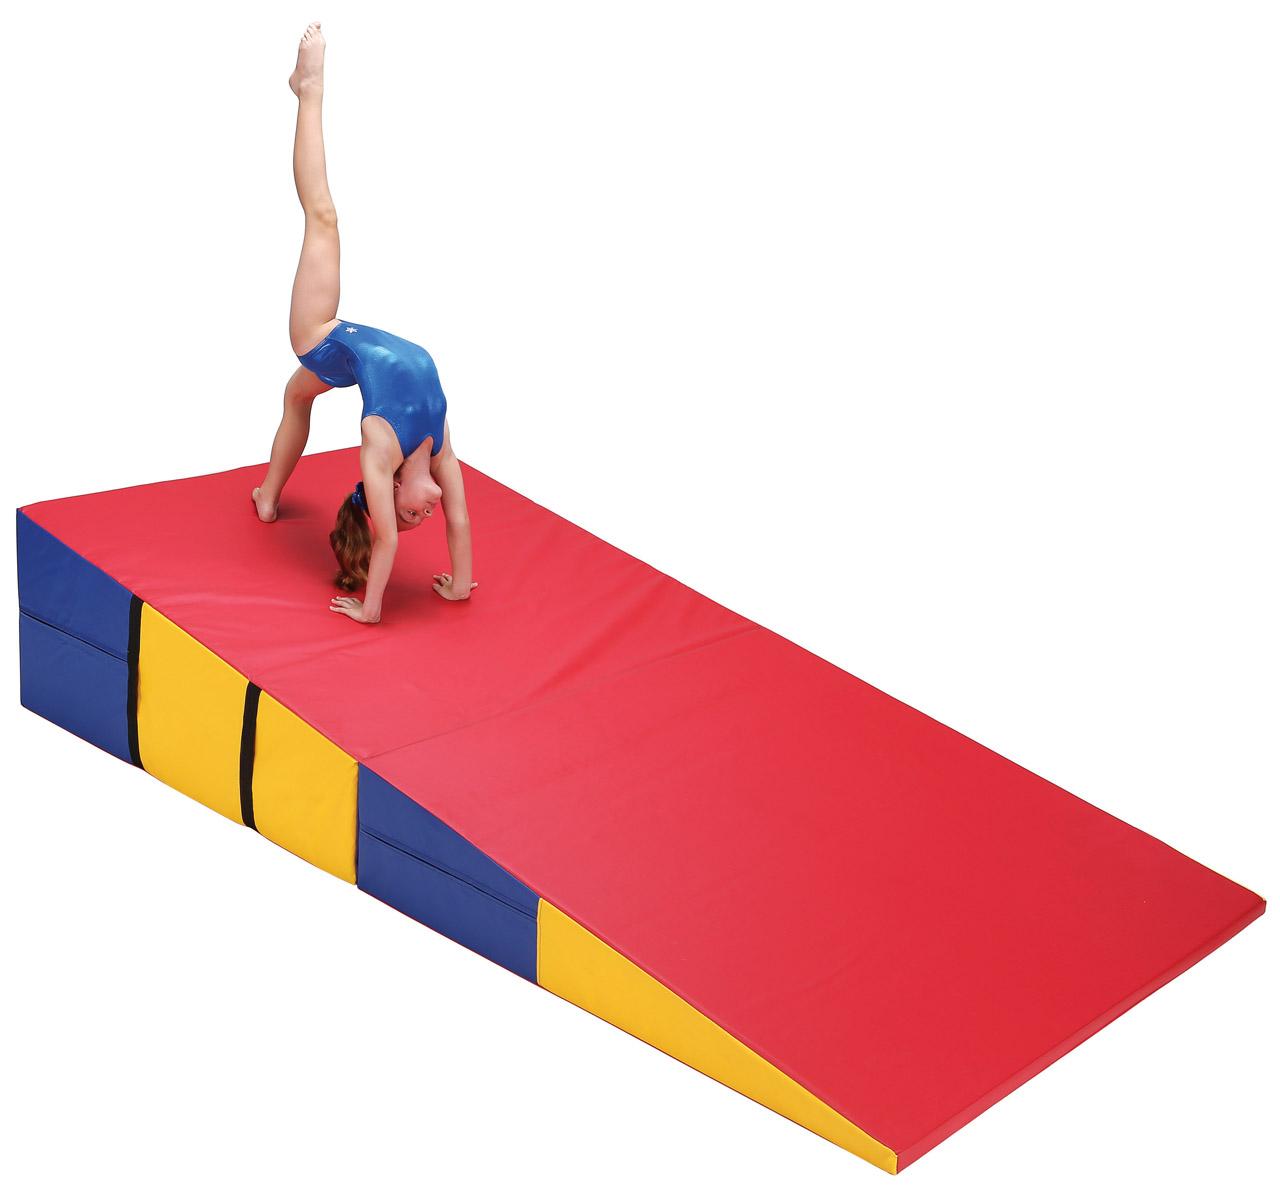 incline for pin mat mats pinterest best gymnastics